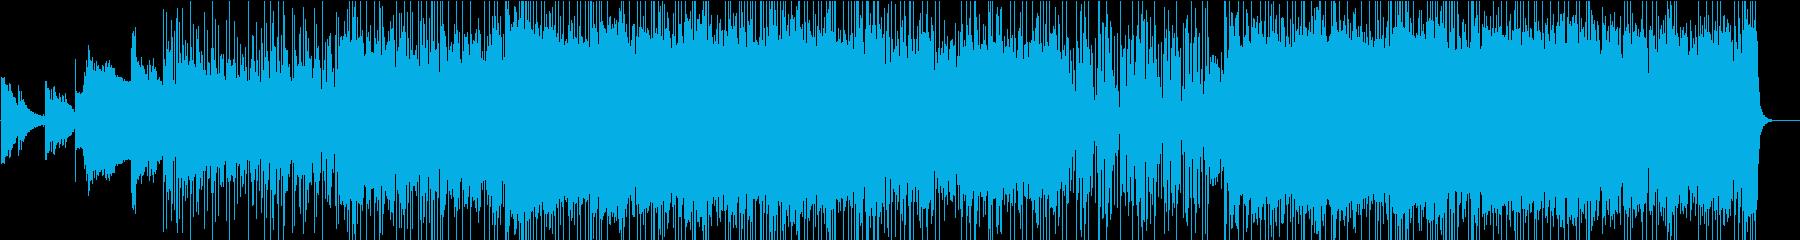 シンプルなロック系ギターインストの再生済みの波形